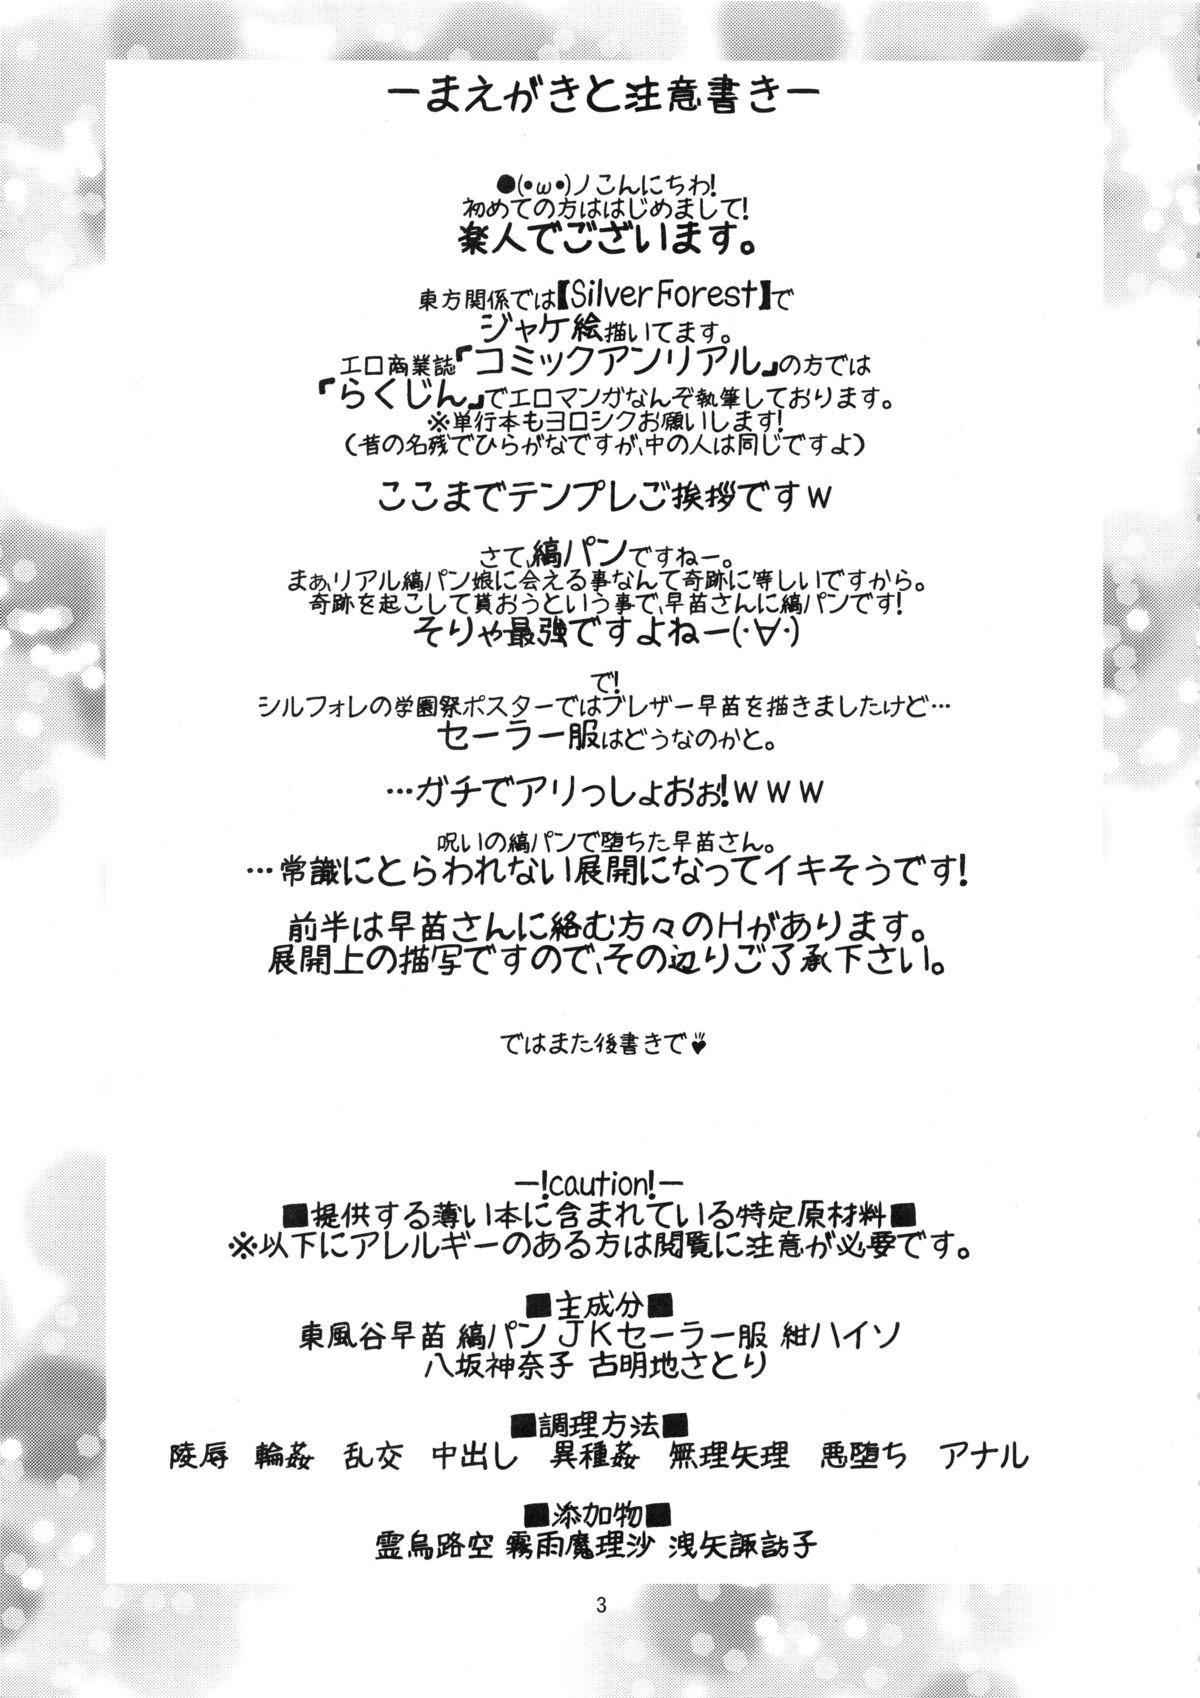 Noroi no Shimapan Shinkou no Daishou 2